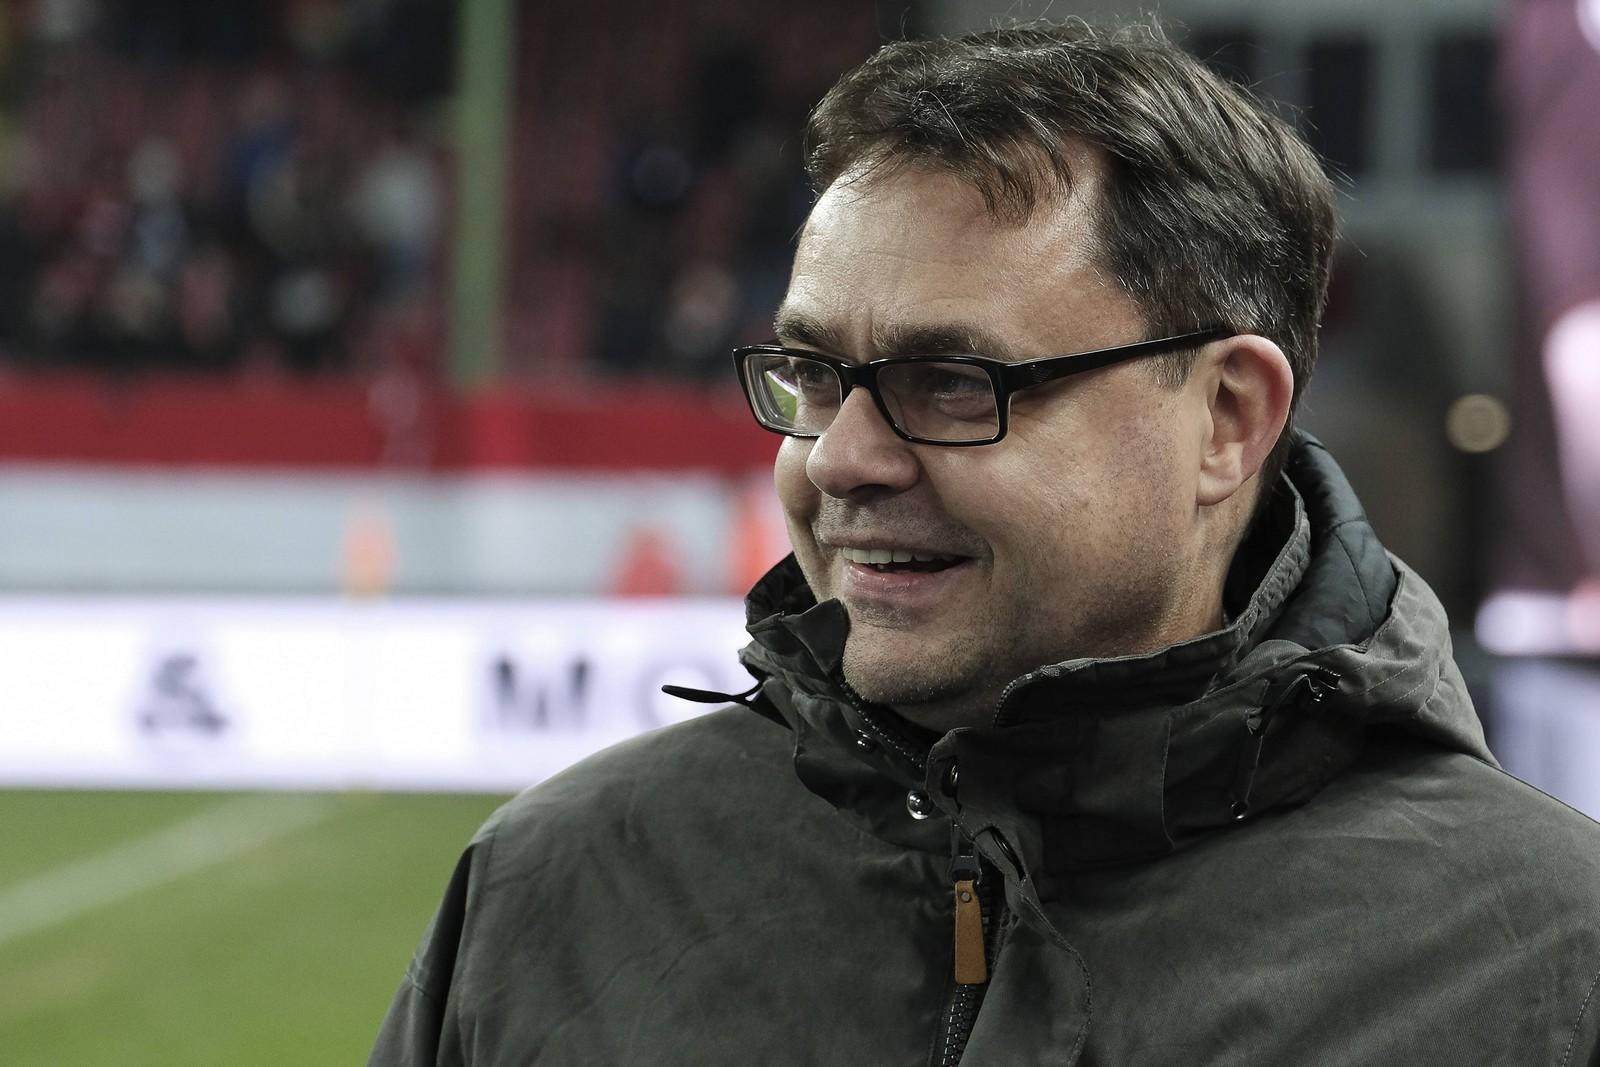 Michael Klatt ist Vorstandsvorsitzender beim 1. FC Kaiserslautern